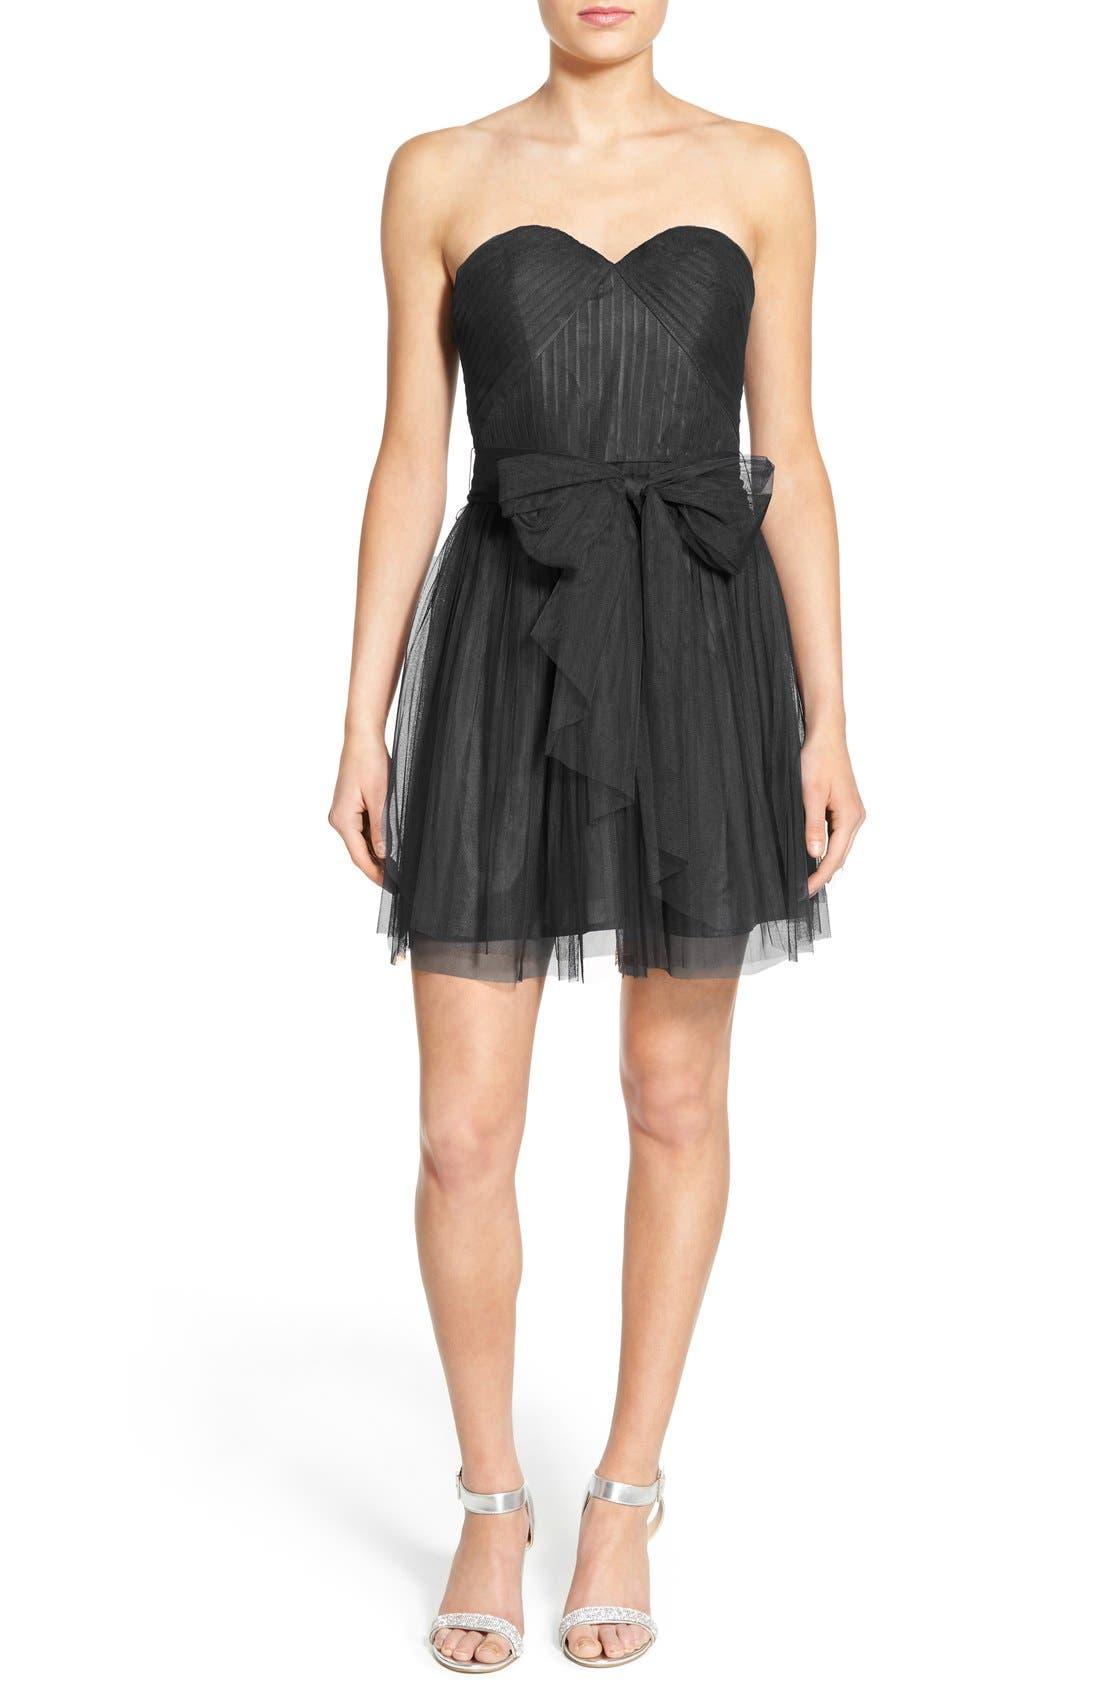 Alternate Image 1 Selected - Soloiste Bow Front Tulle Strapless Skater Dress